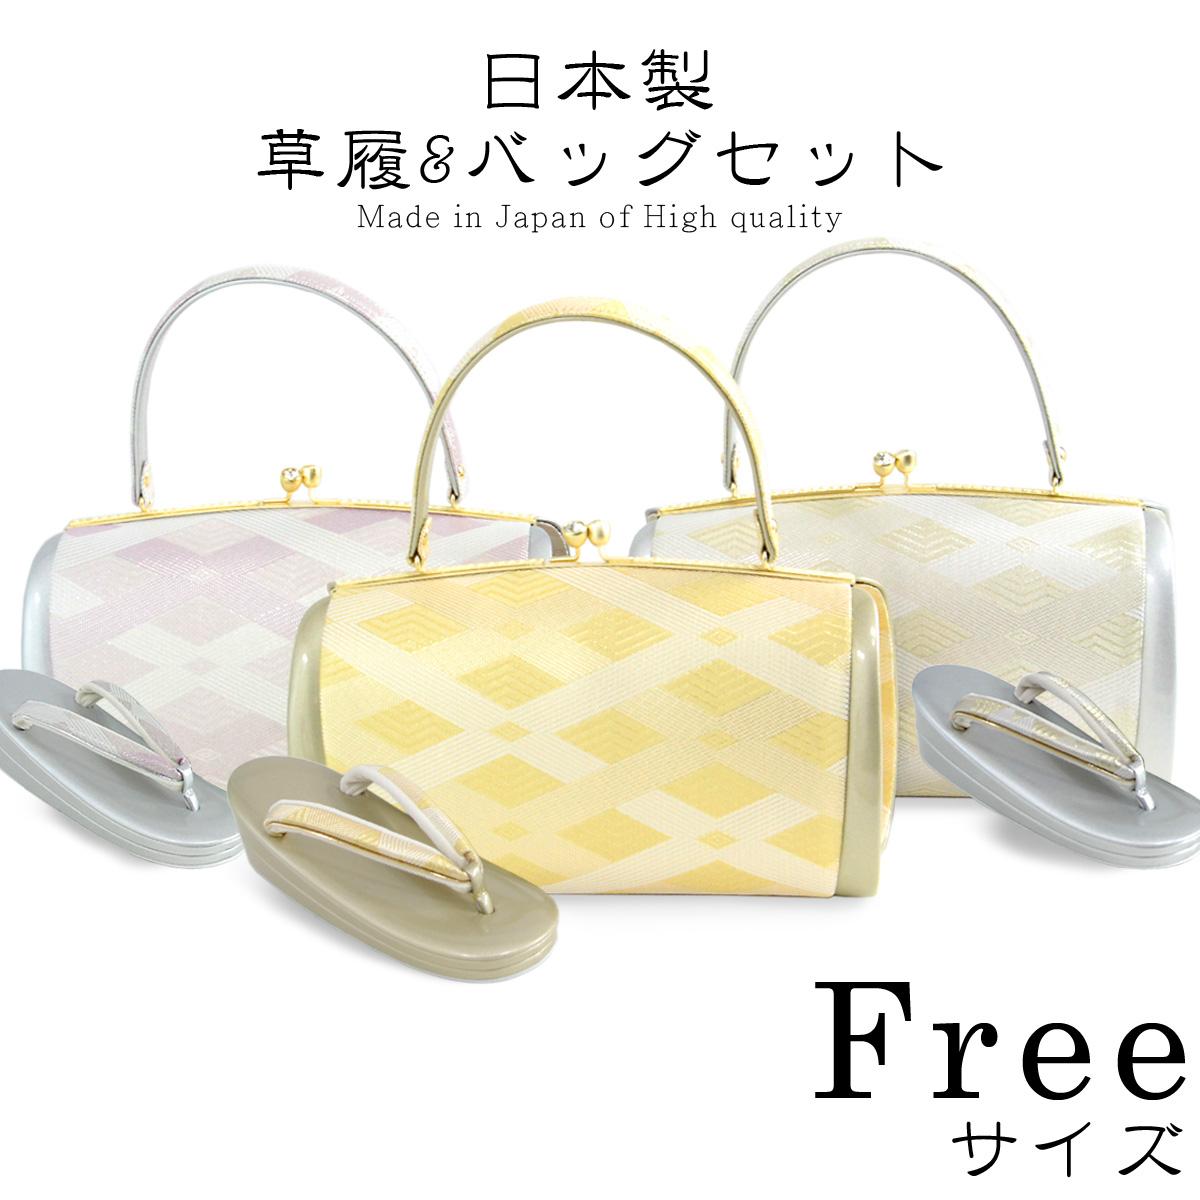 草履バッグセット -20- 草履 バッグ セット 礼装 Fサイズ 日本製 金 銀 ピンク